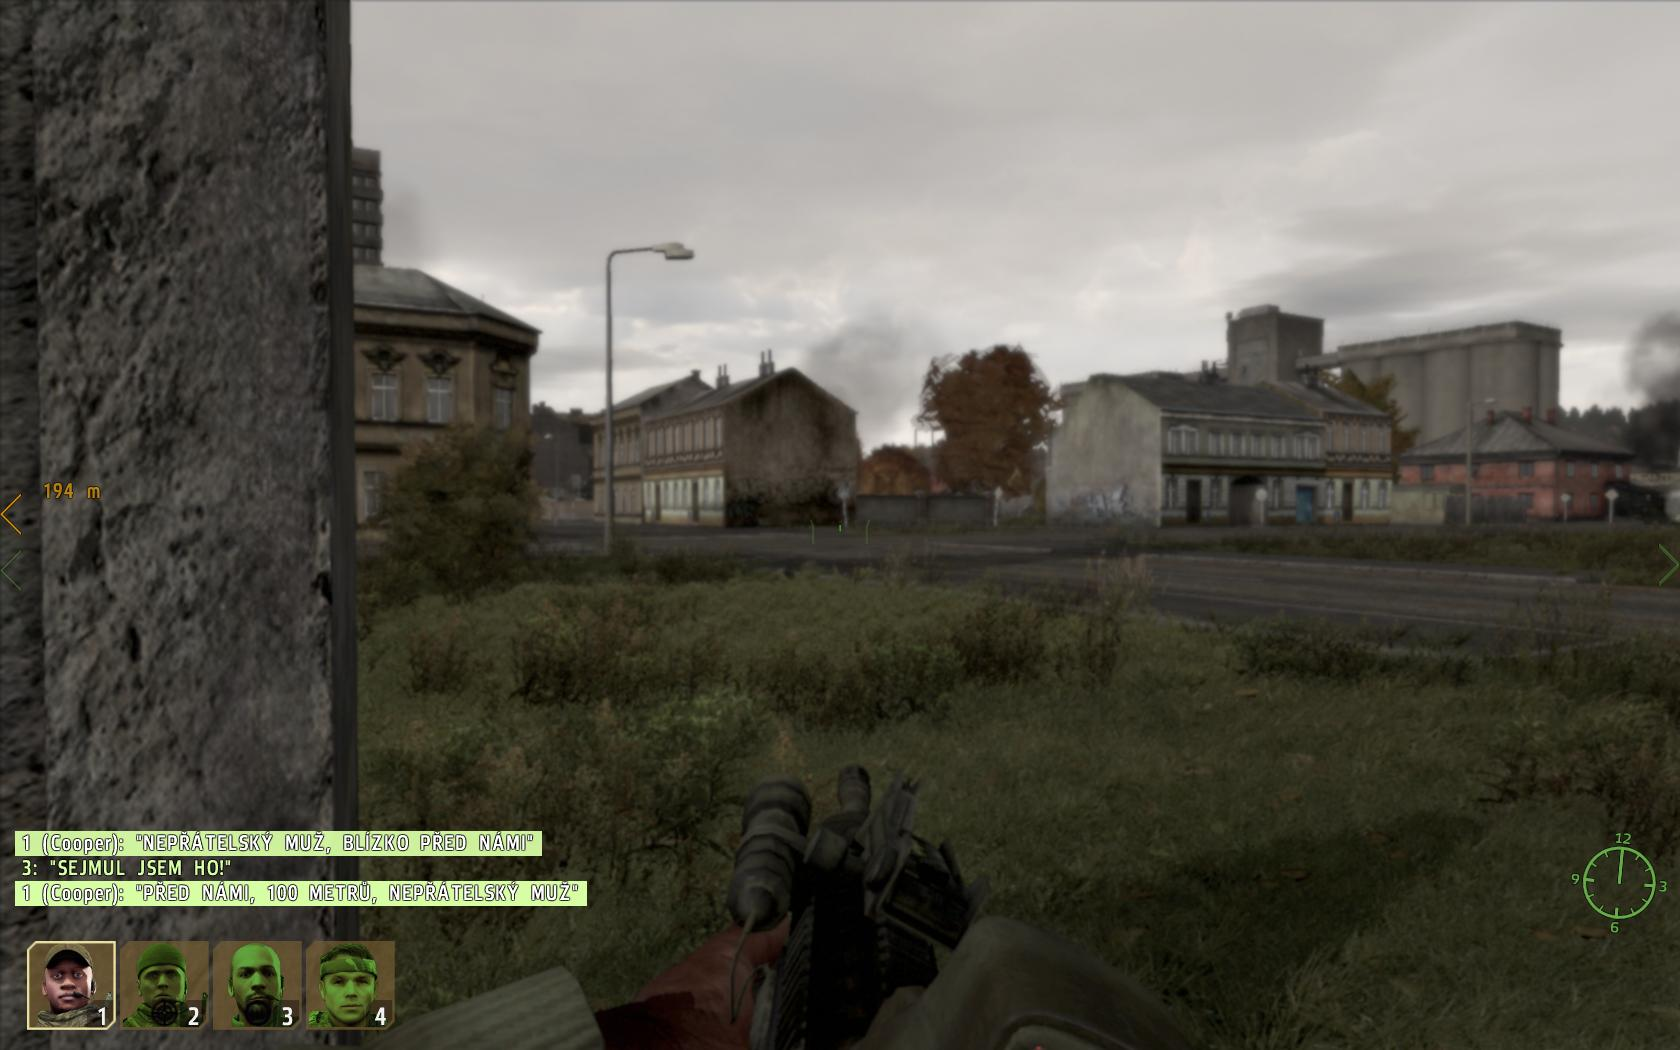 Bohemia Interactive: Studio, které zlepšilo herní průmysl - Kapitola pátá - Nová Arma, nový začátek 77013